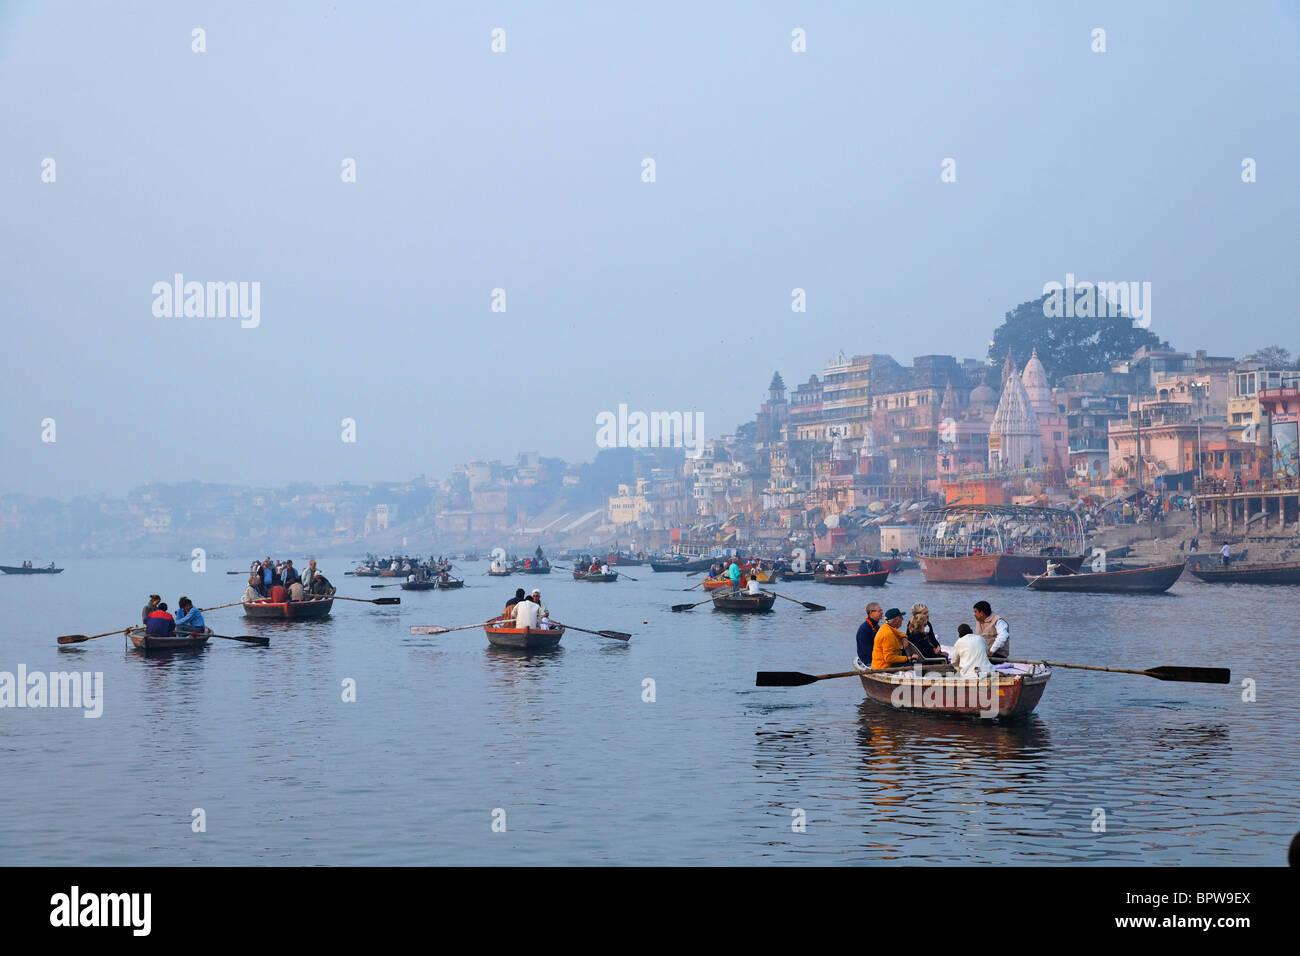 Los barcos turísticos, el río Ganges, Varanasi, India Imagen De Stock